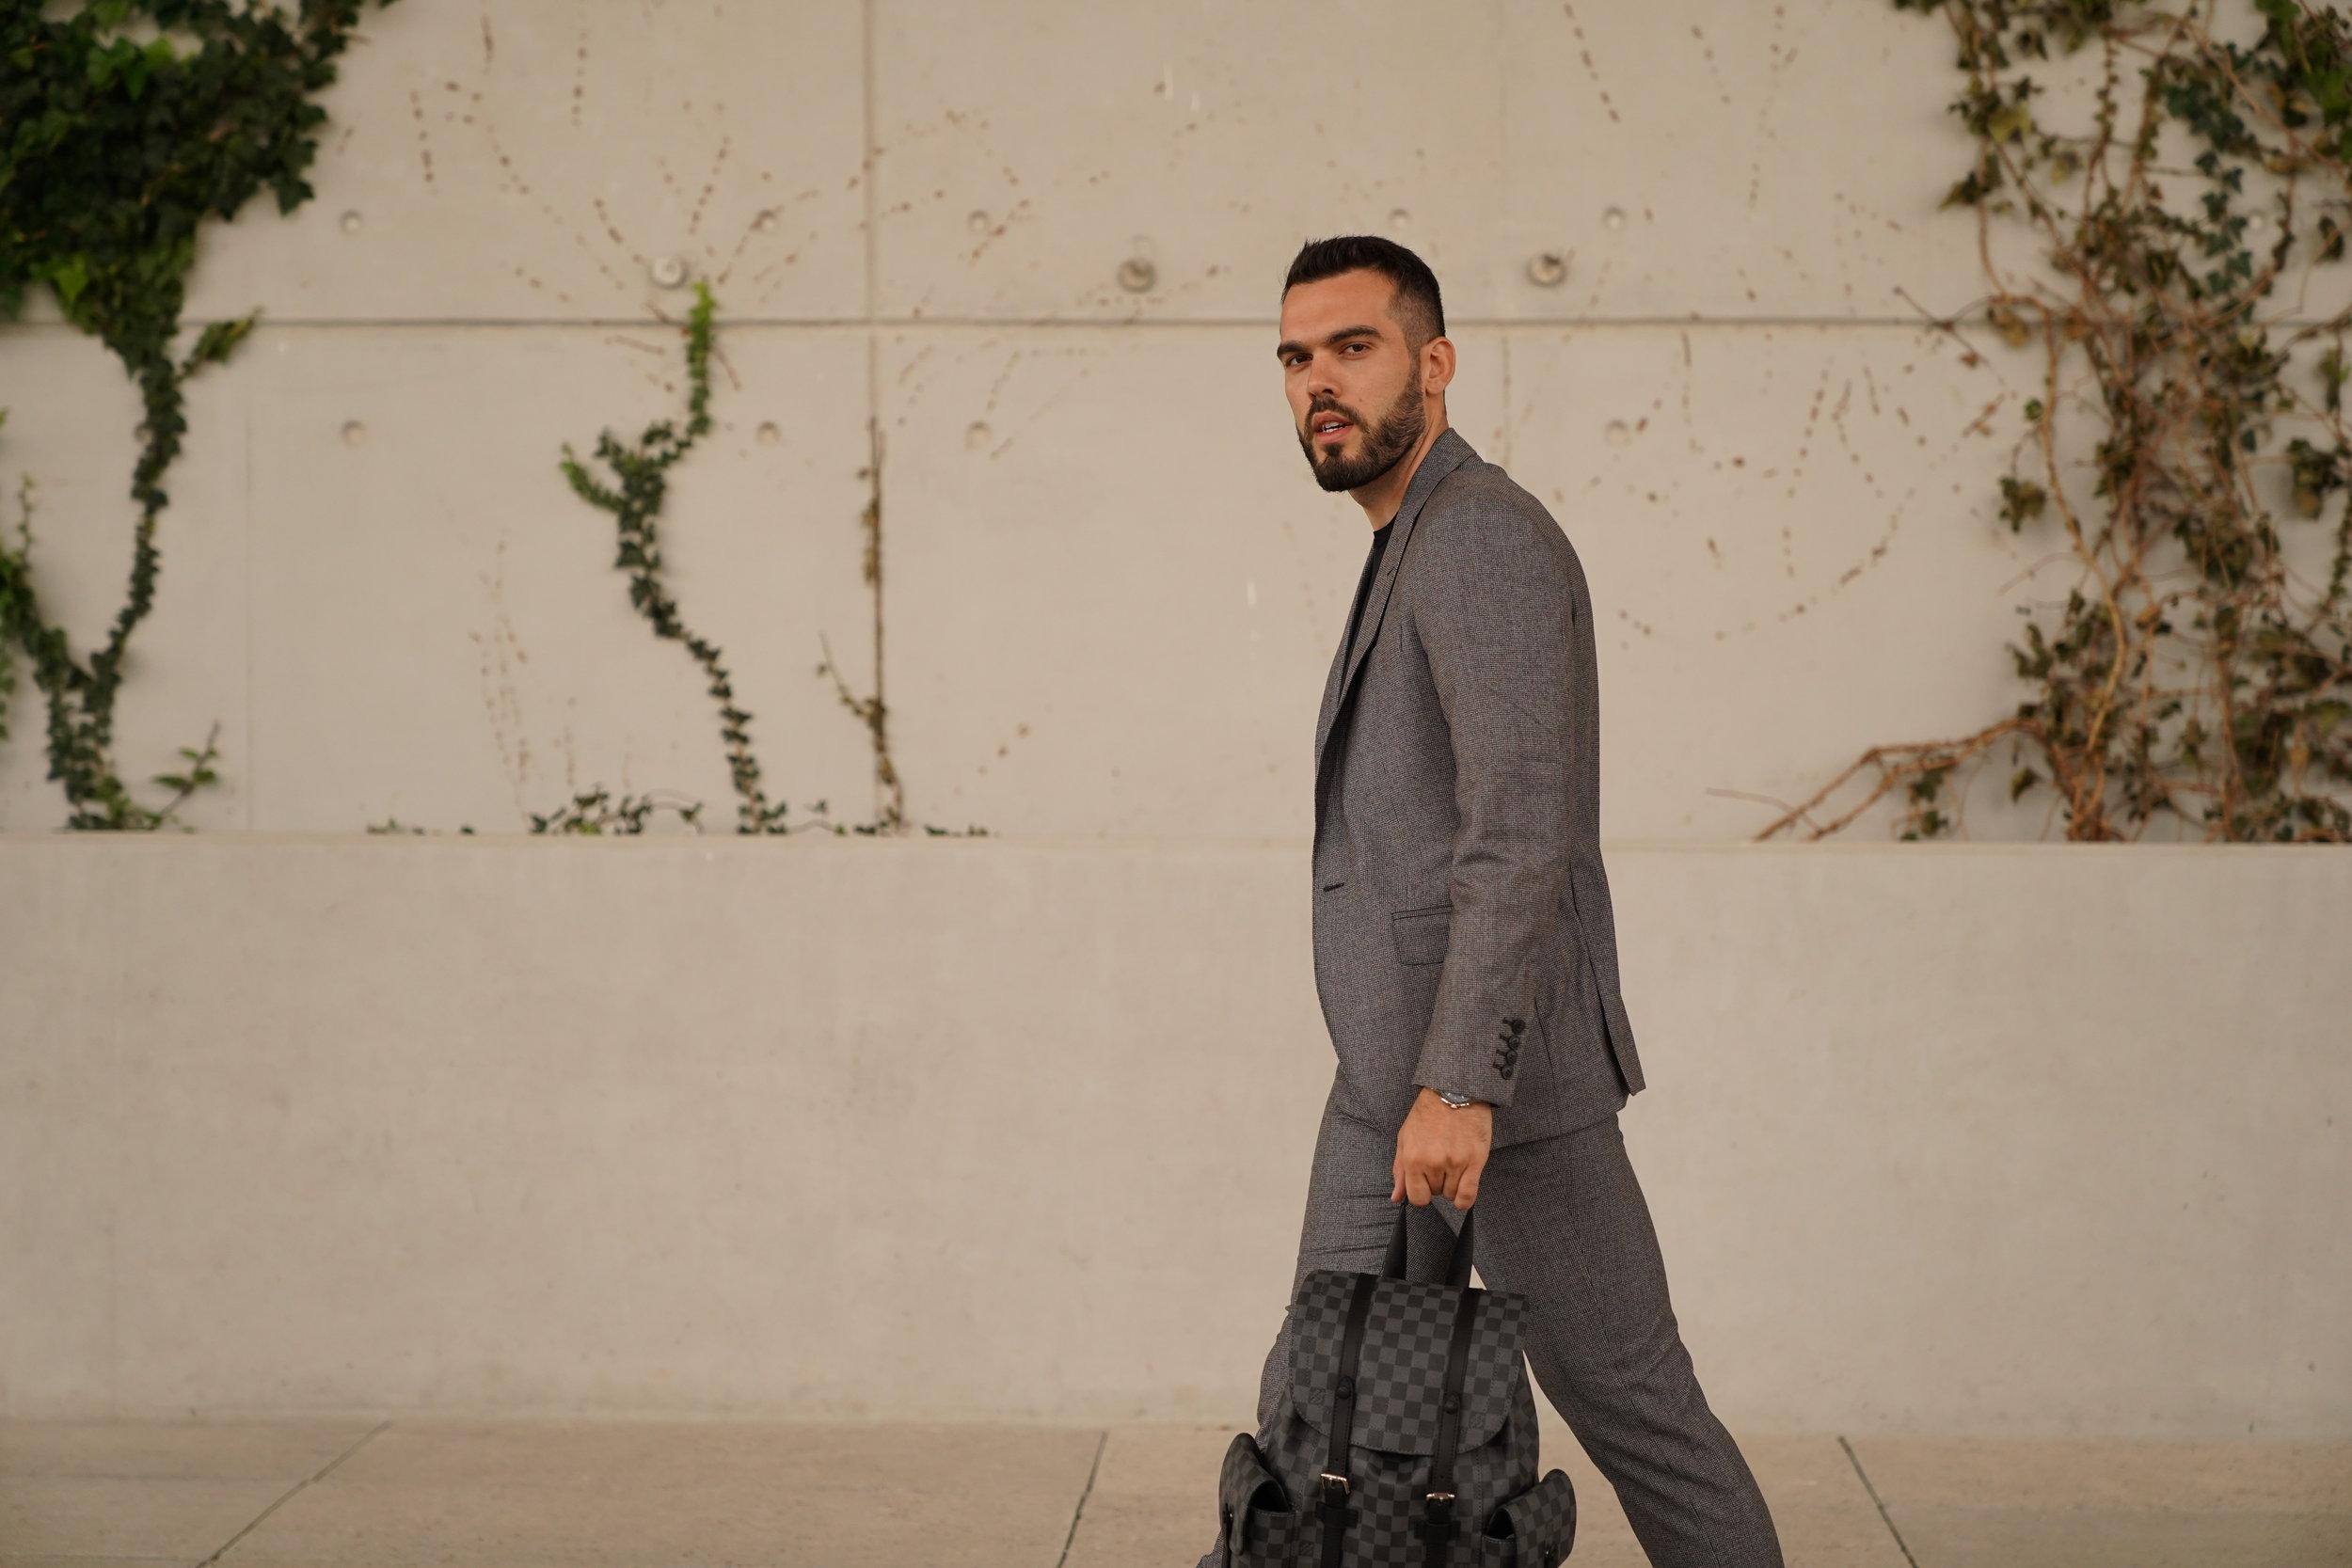 Suit: Hackett London